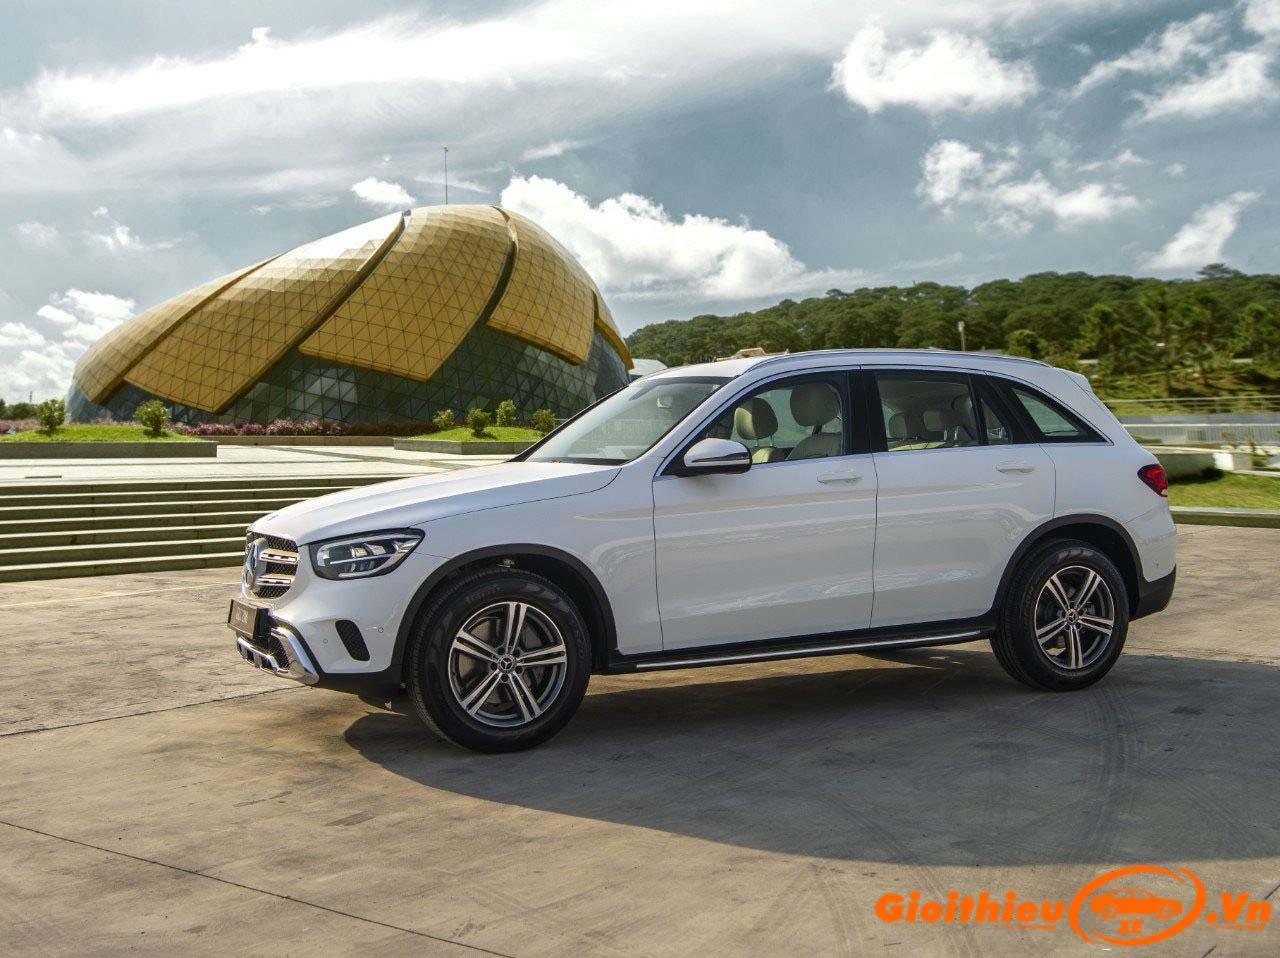 Chi tiết xe Mercedes-Benz GLC 200 2020 Face Lift, kèm giá bán mới nhất tháng 02/2020